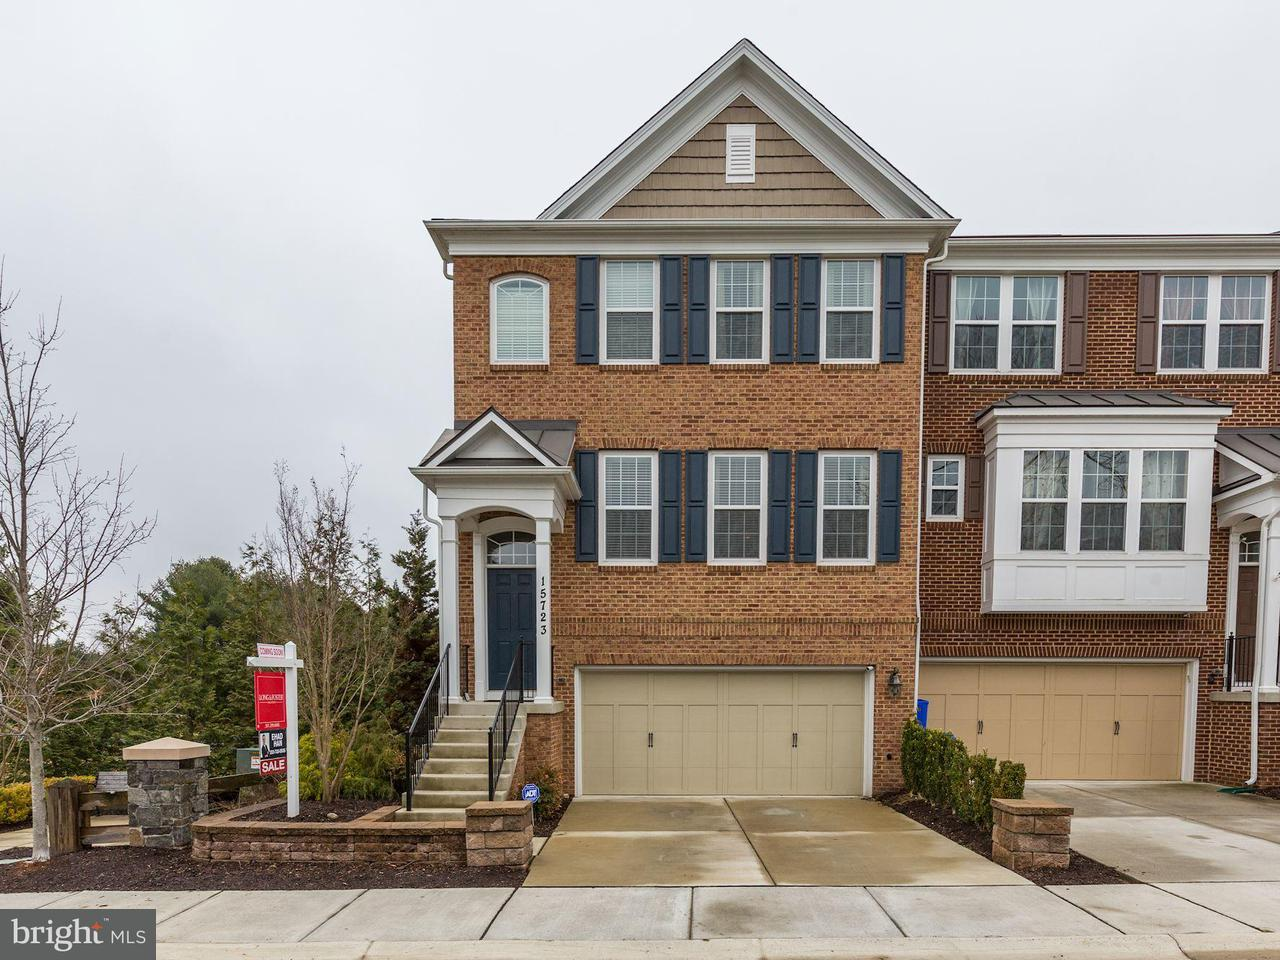 Stadthaus für Verkauf beim 15723 Quince Trace Ter 15723 Quince Trace Ter North Potomac, Maryland 20878 Vereinigte Staaten